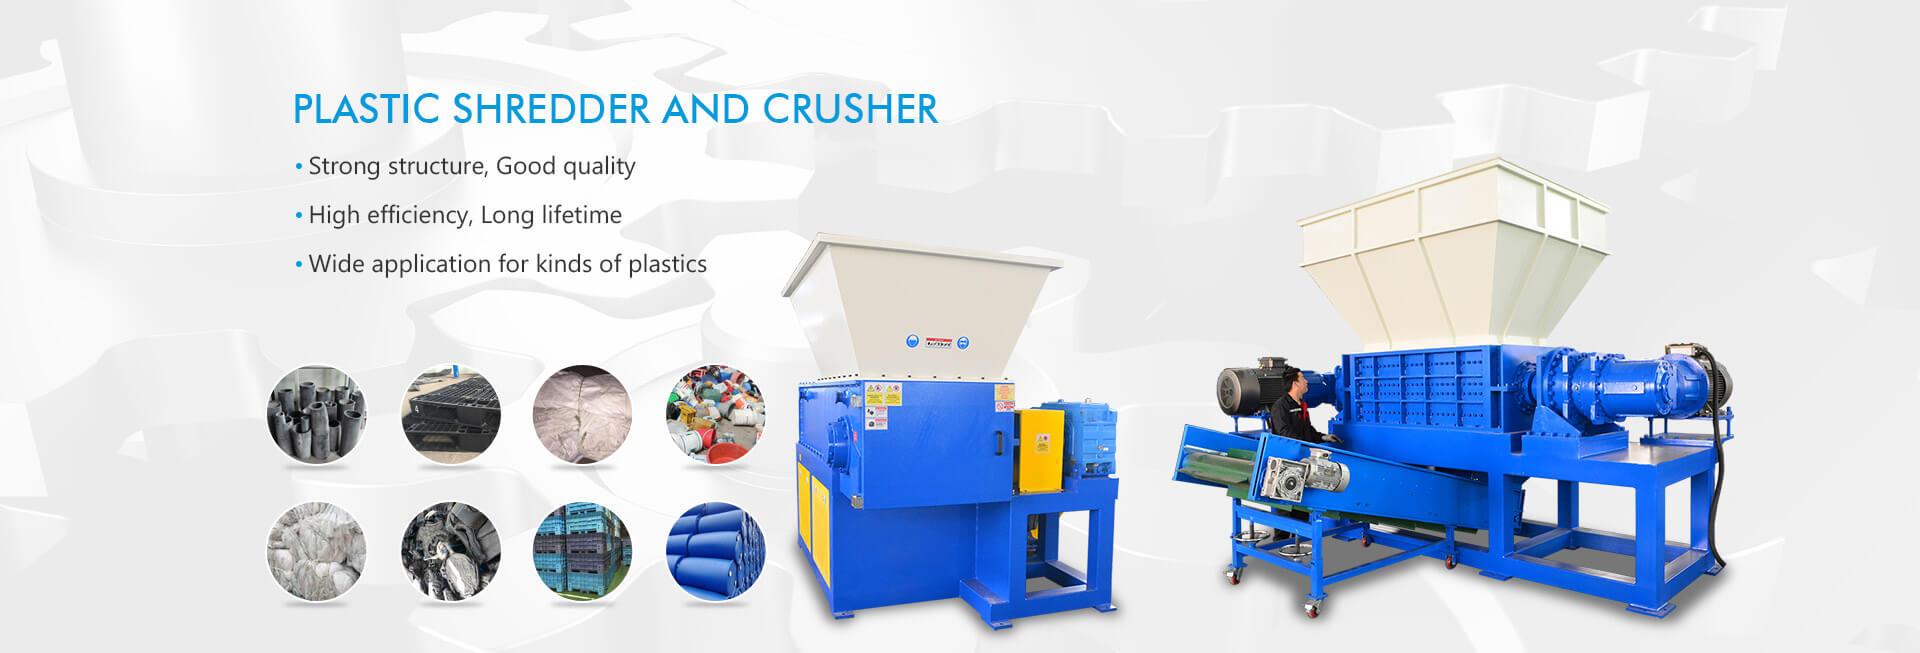 Plastic Shredder and Crusher